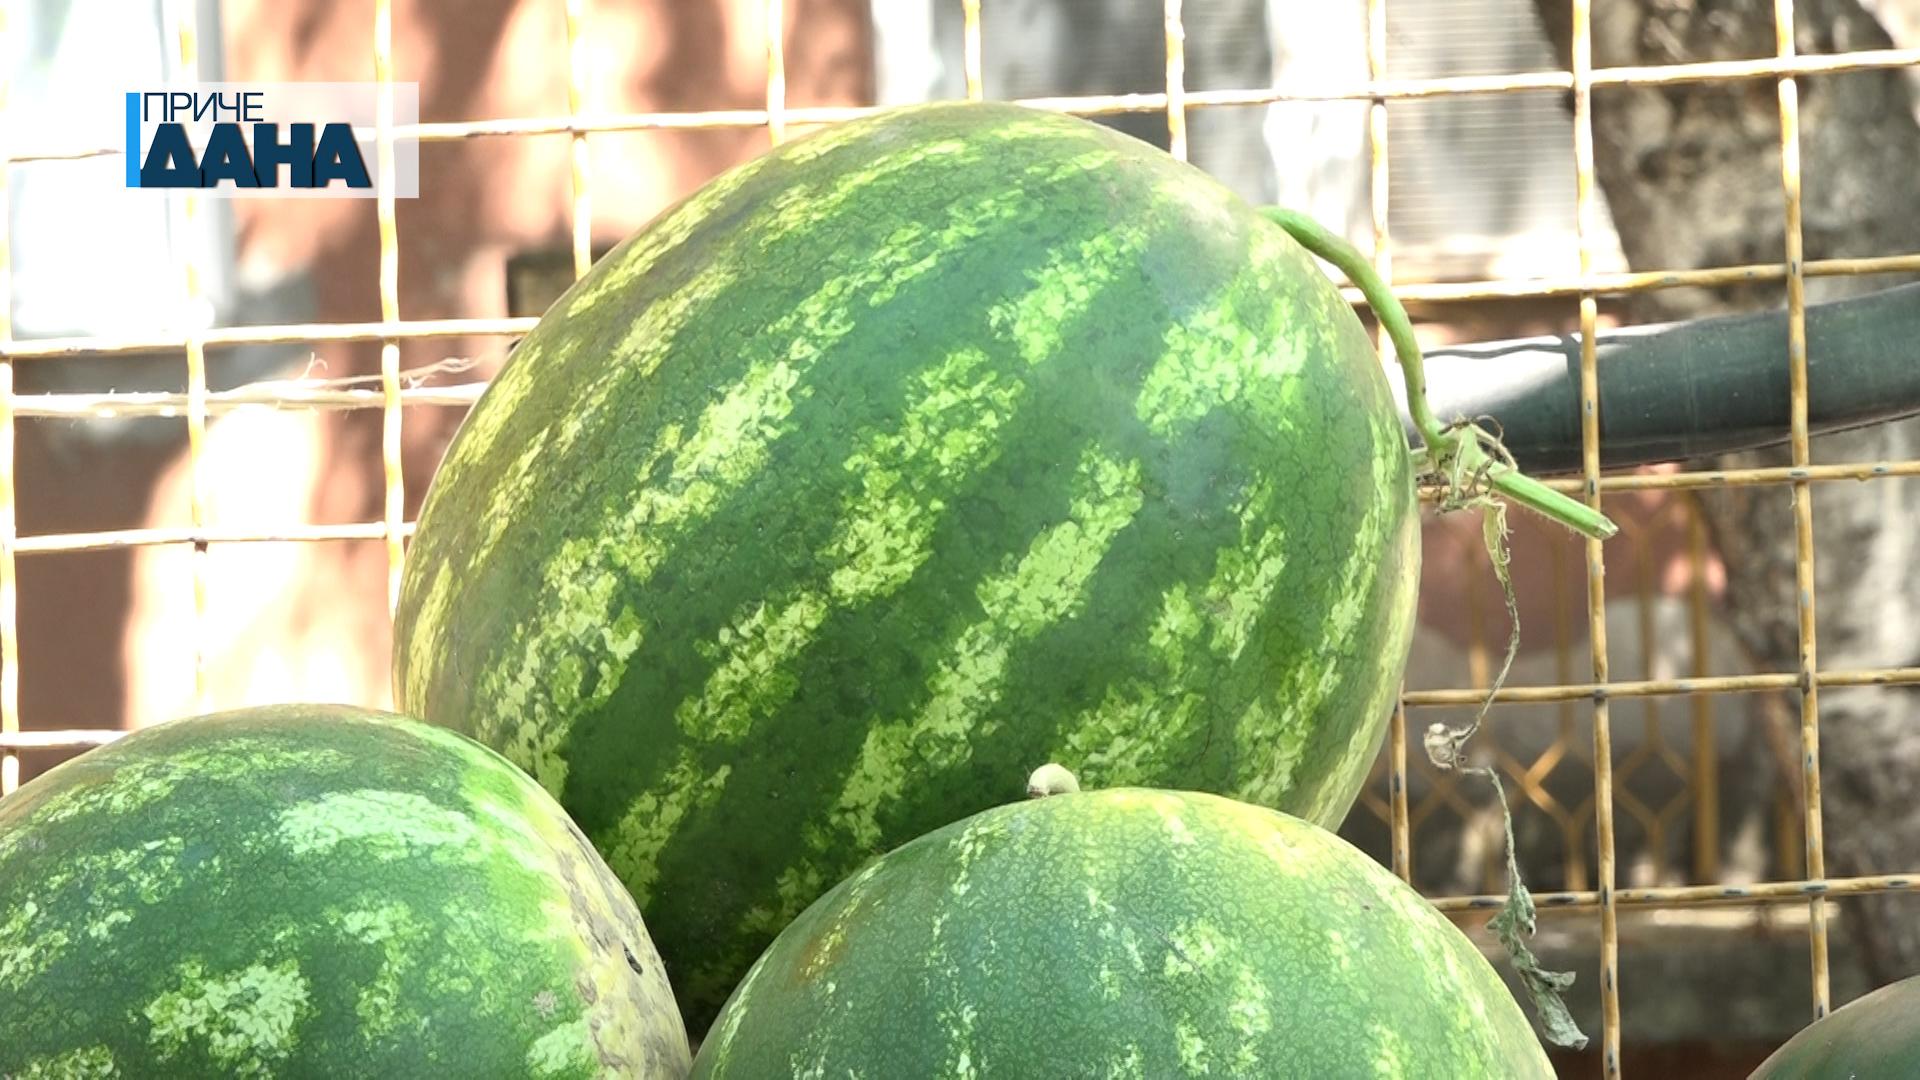 Kako da znamo koja je lubenica zrela i slatka?